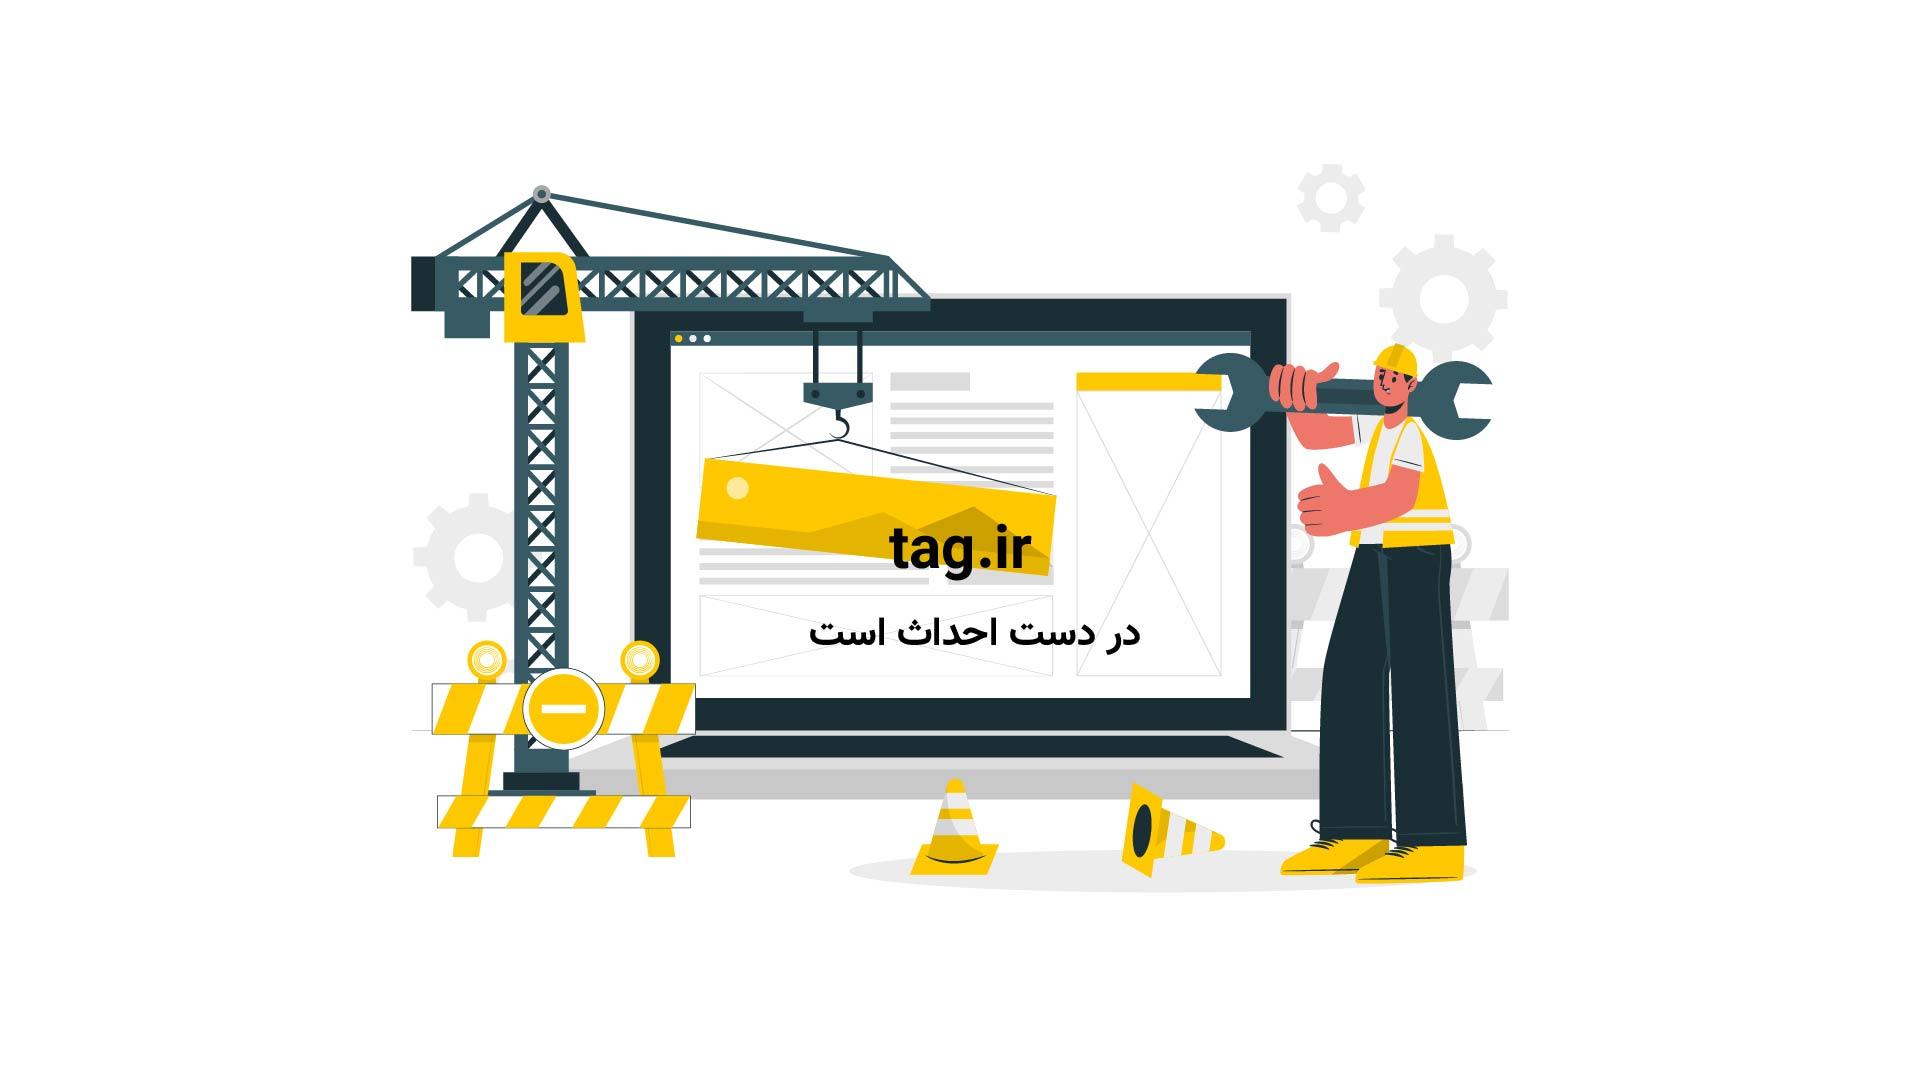 روستا نیاسر